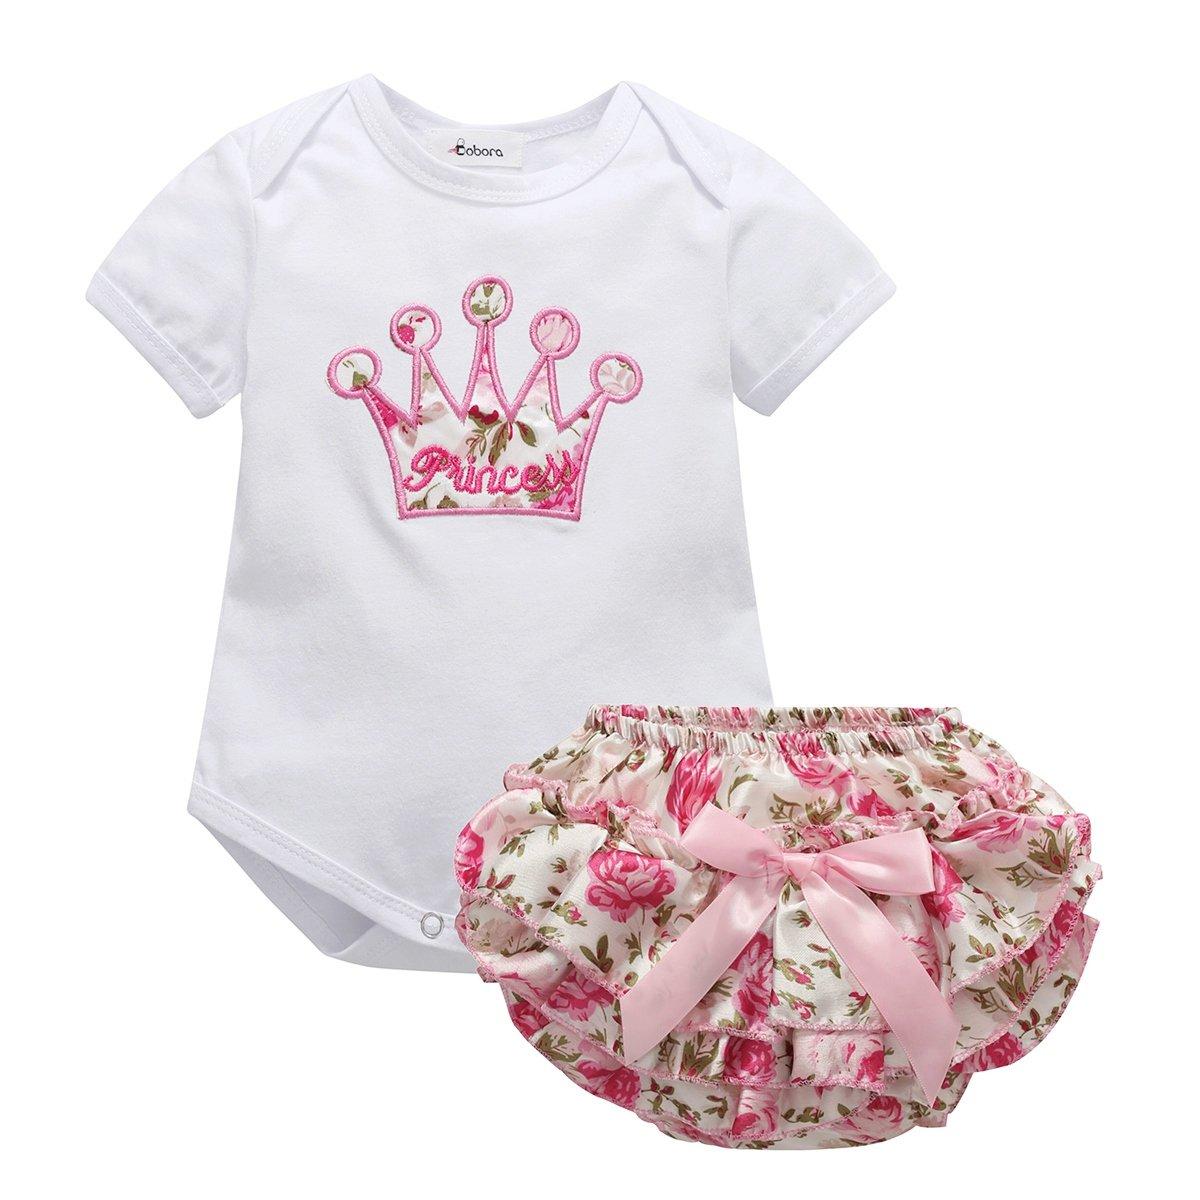 Floral Shorts Bekleidungssets Minuya Neugeboren Baby Girls Kleidung Kurzarm Prinzessin Crown Strampler Spielanzug